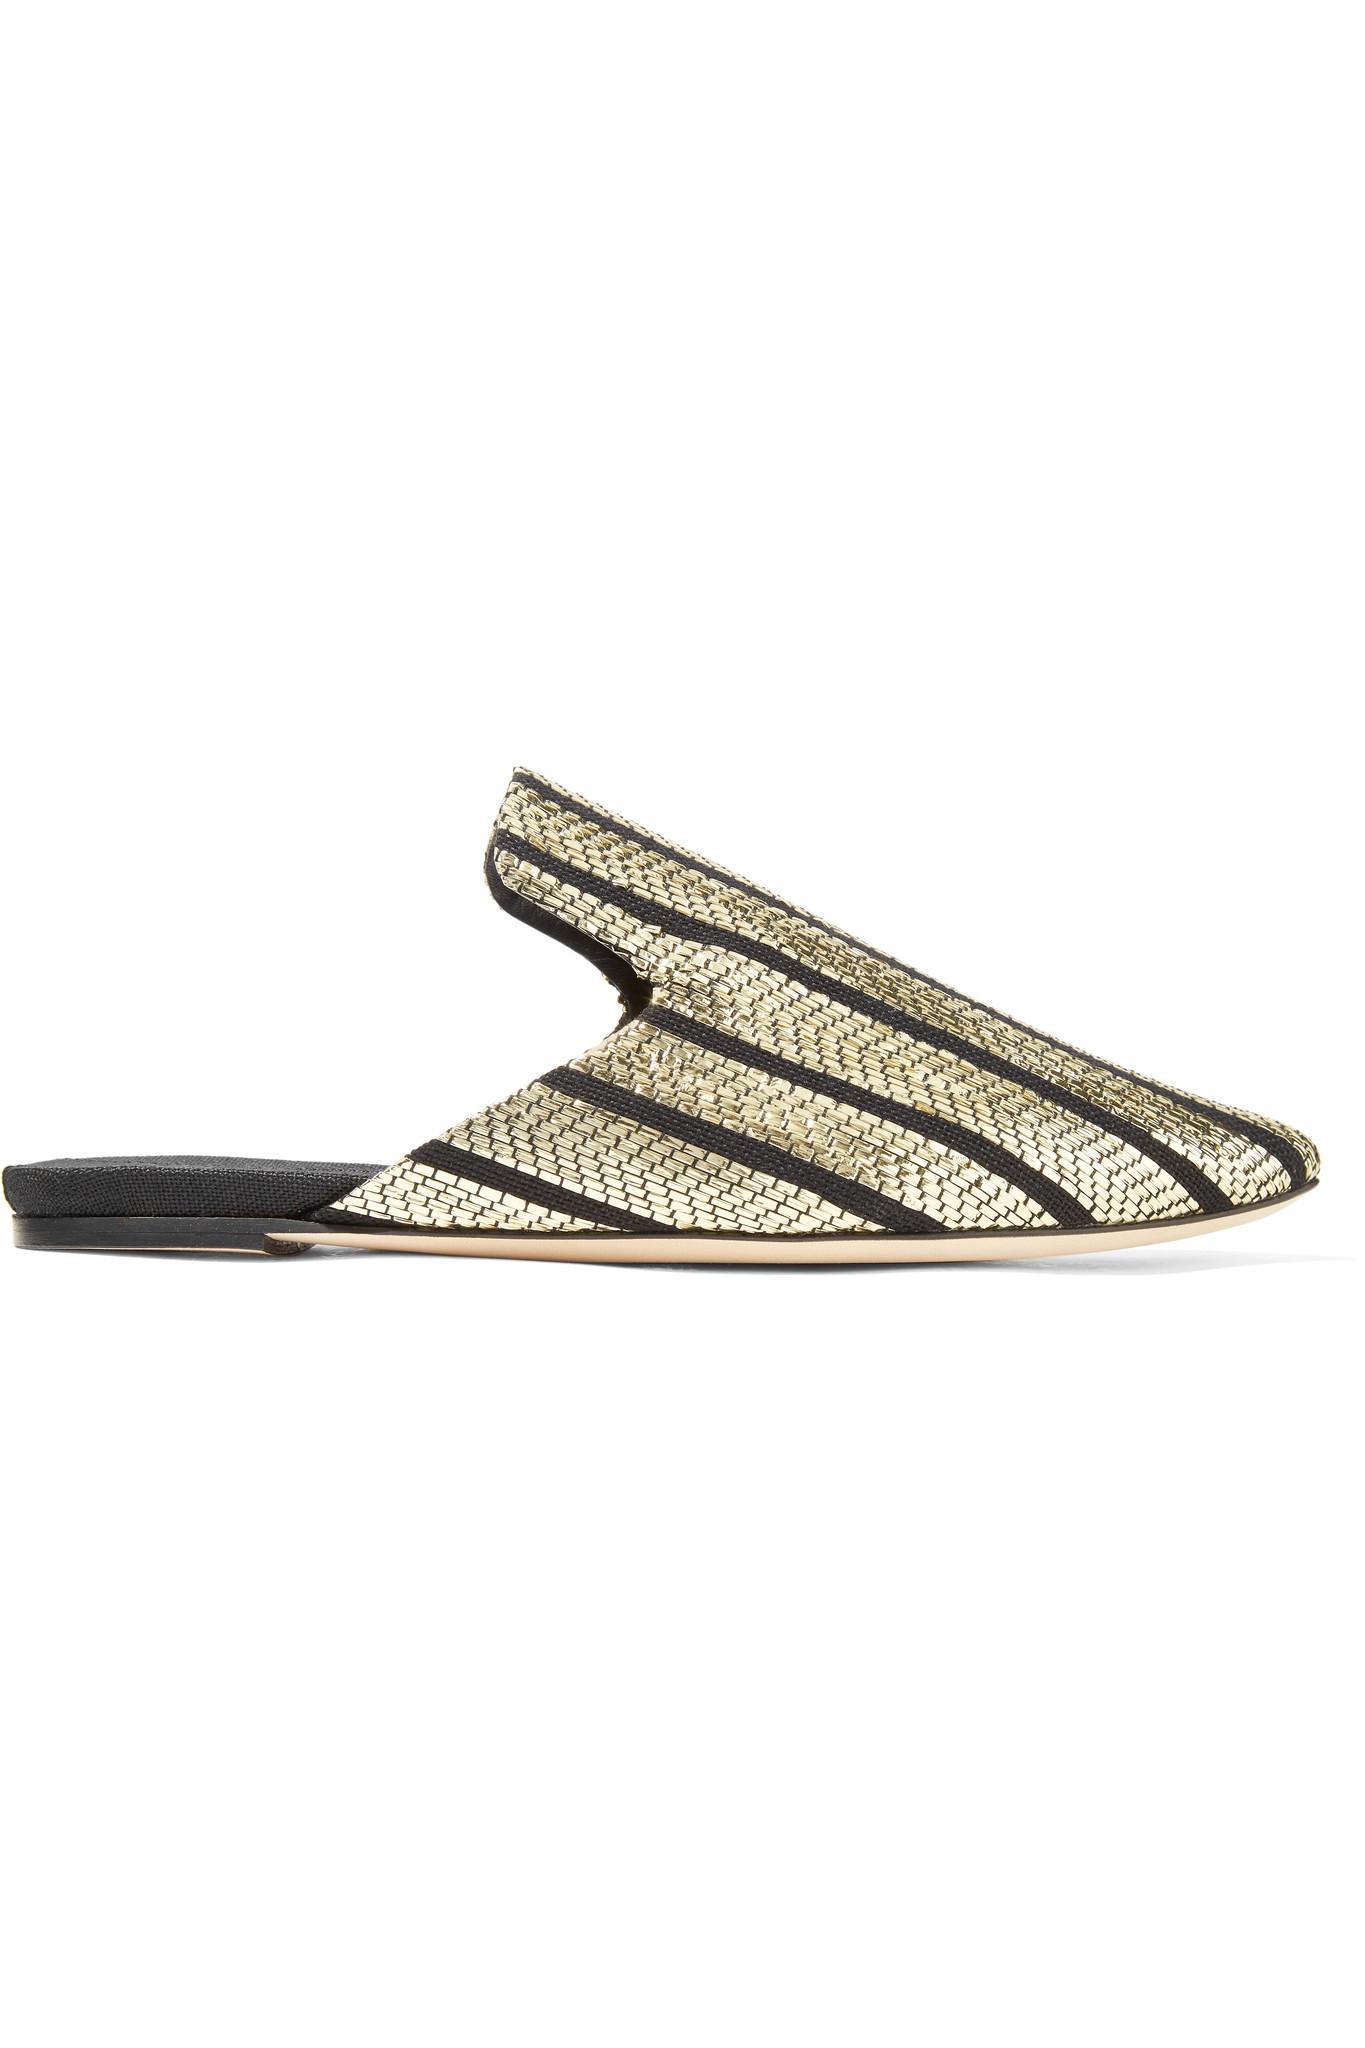 Sanayi 313 Riga Striped Metallic Slippers 5Qr5z